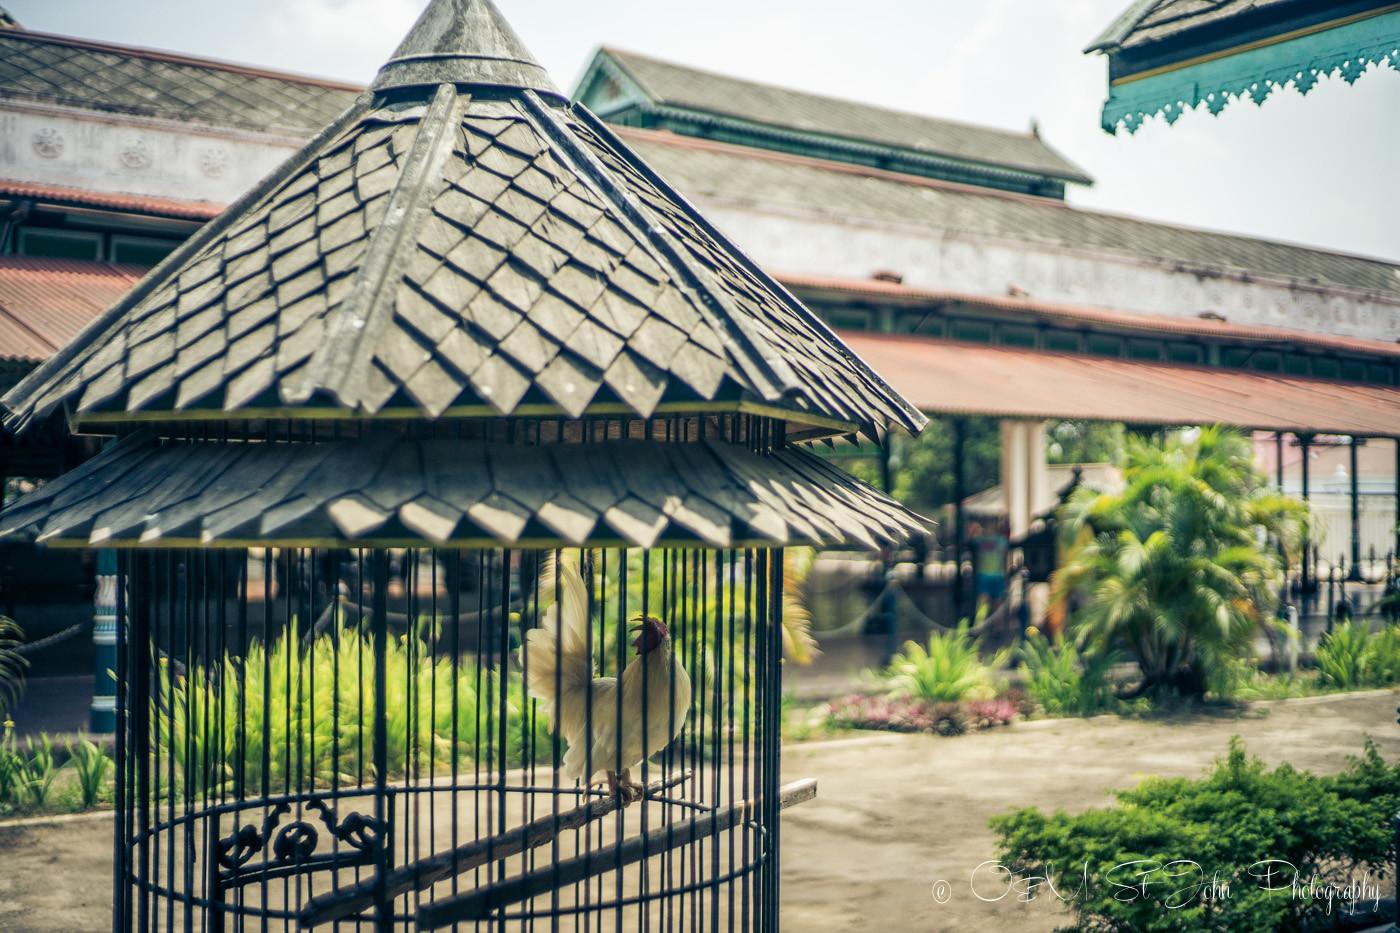 Yogyakarta tour: Kraton grounds